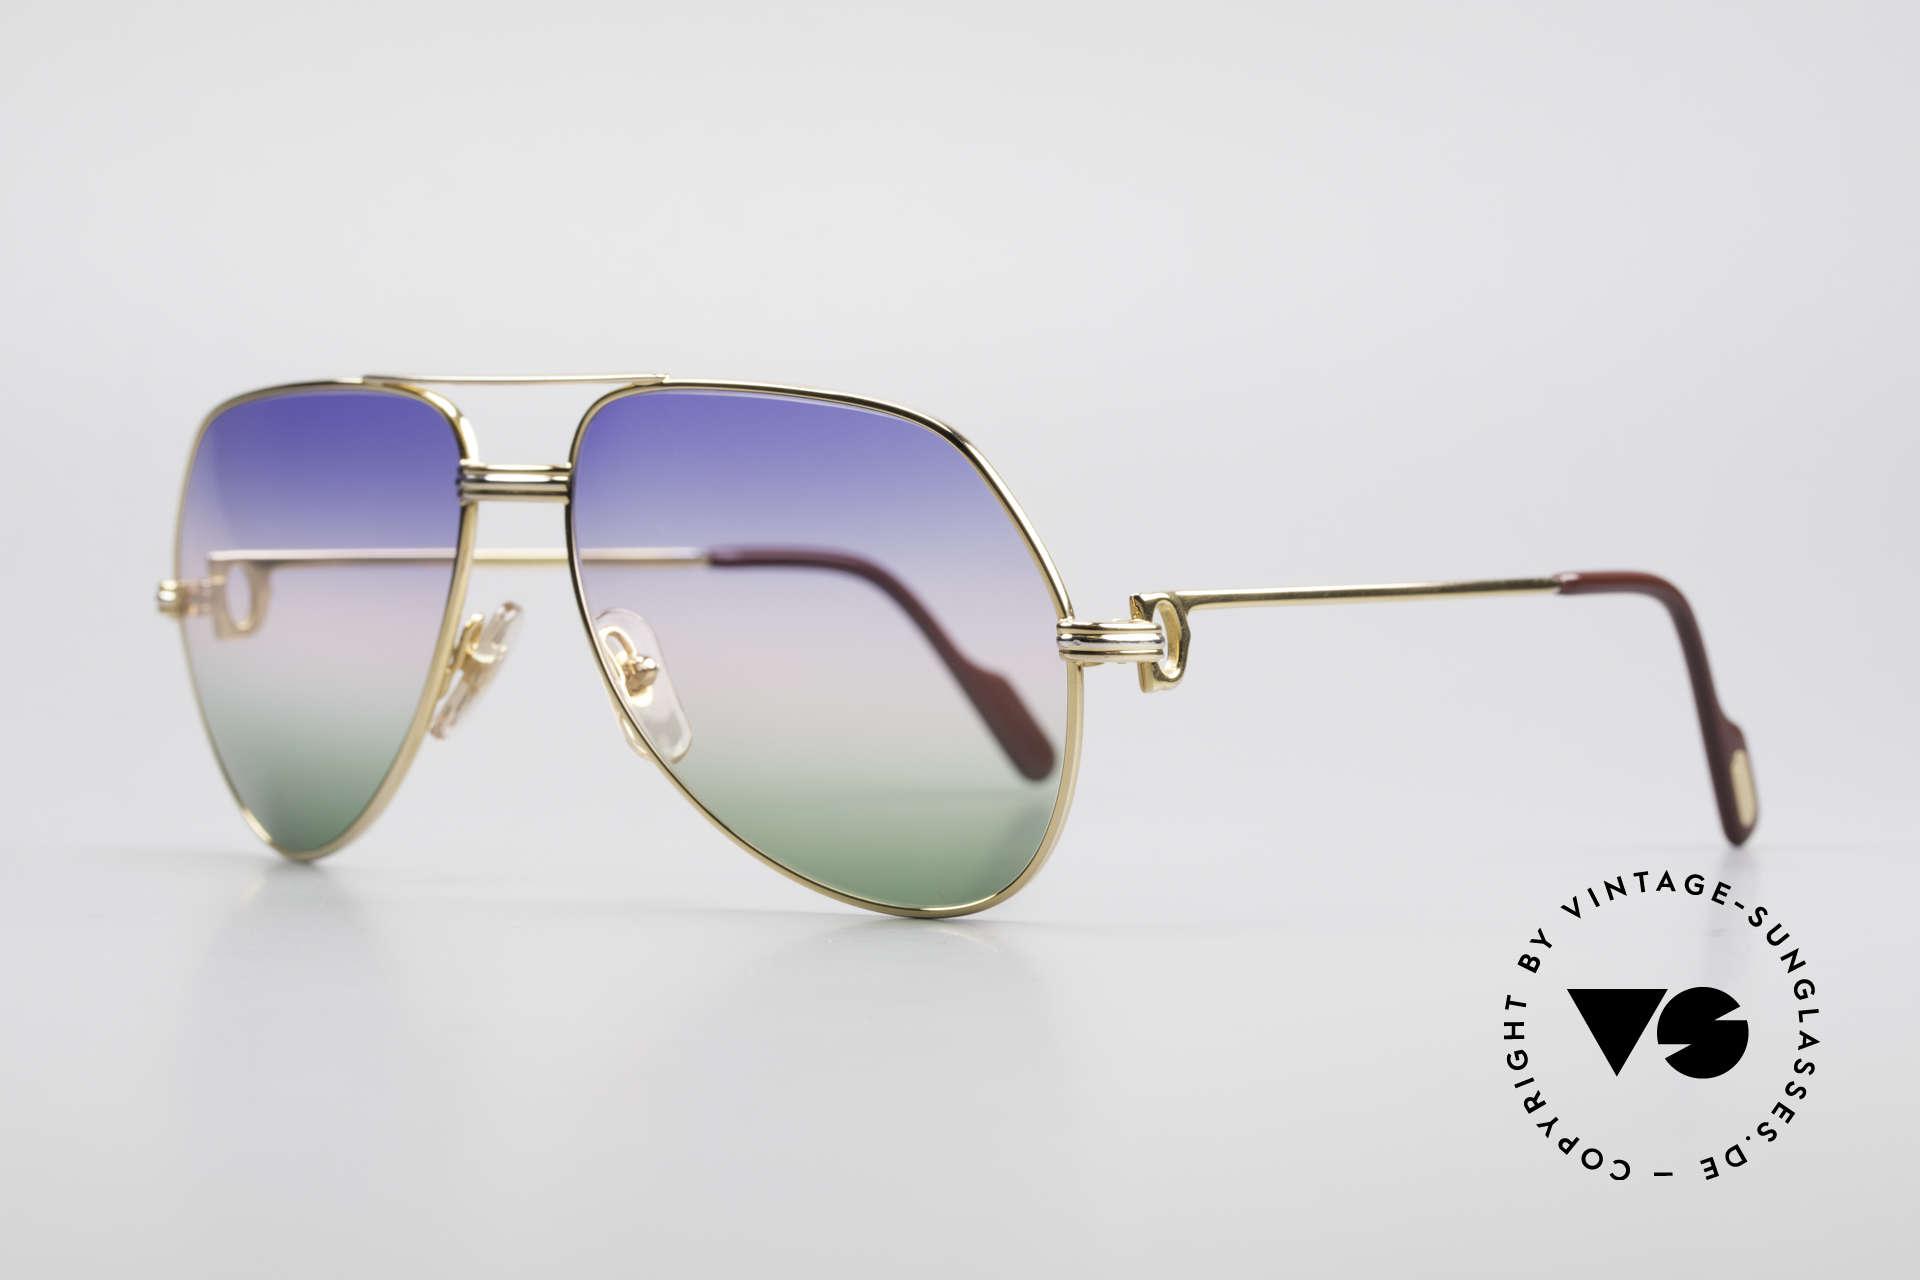 Cartier Vendome LC - M Michael Douglas Sonnenbrille, dieses Modell mit LC-Dekor in MEDIUM Gr. 59-16, 140, Passend für Herren